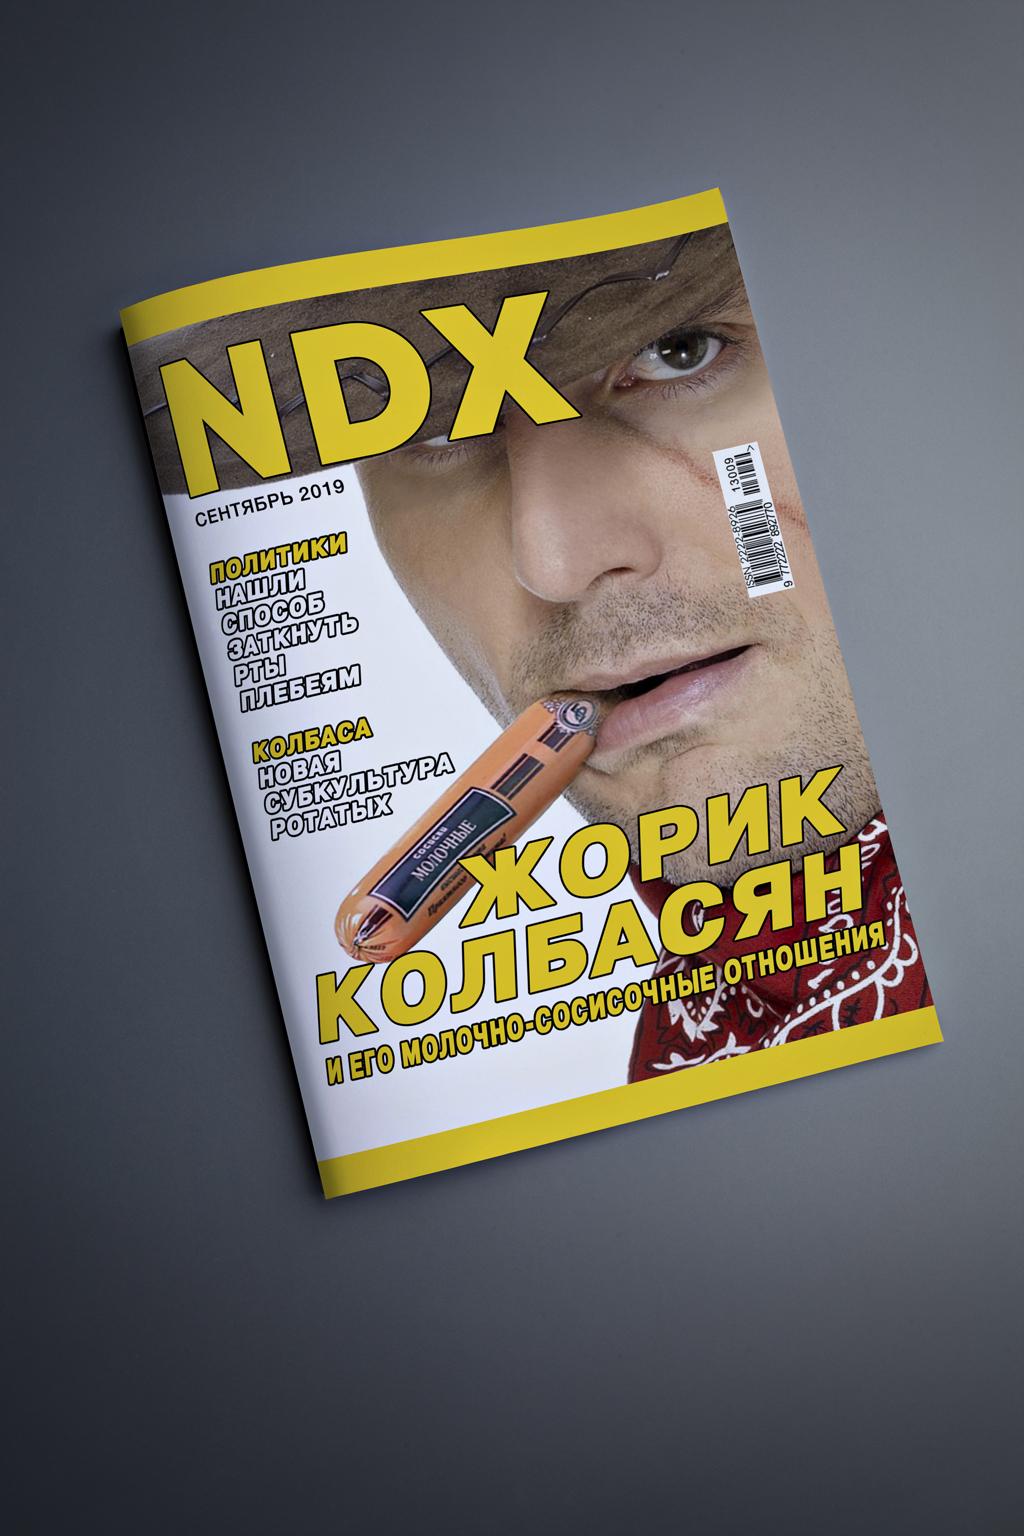 Полиграфический дизайн, Журнальный дизайн, Коллаж.  фото f_0425d7140004a40a.jpg